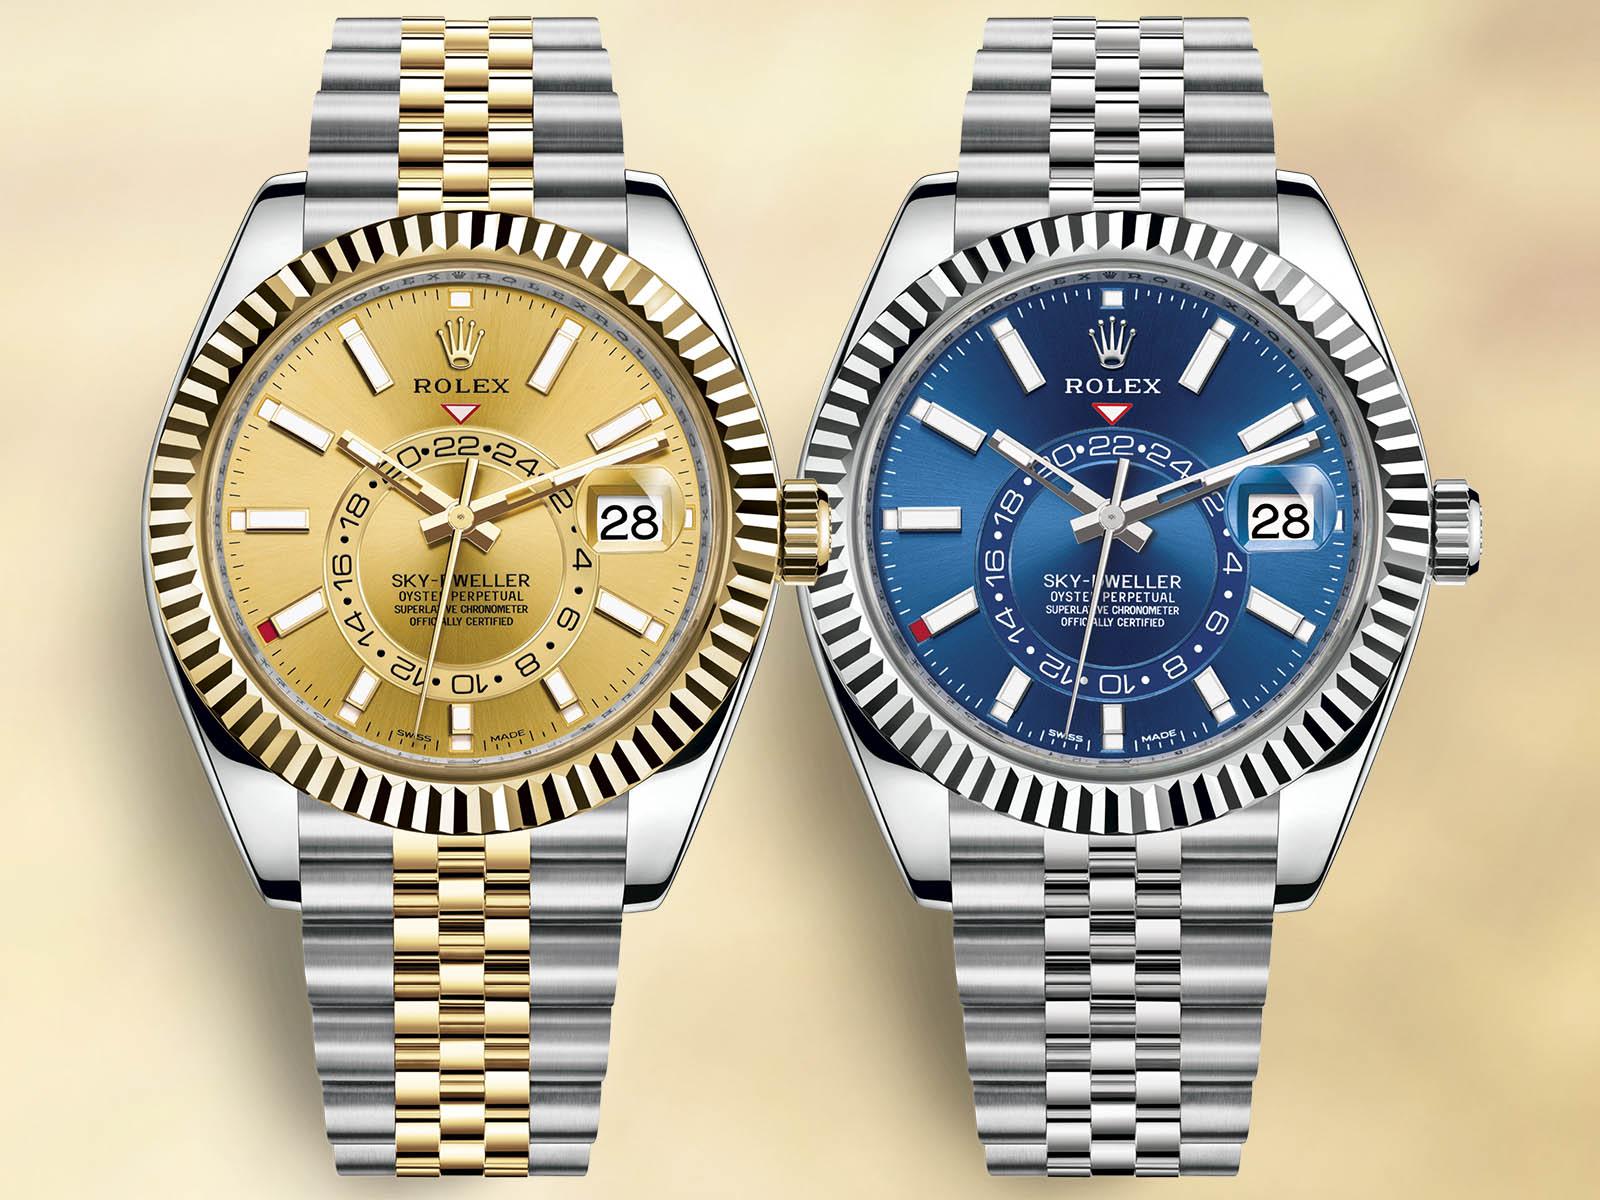 rolex-sky-dweller-jubilee-bracelet-1.jpg